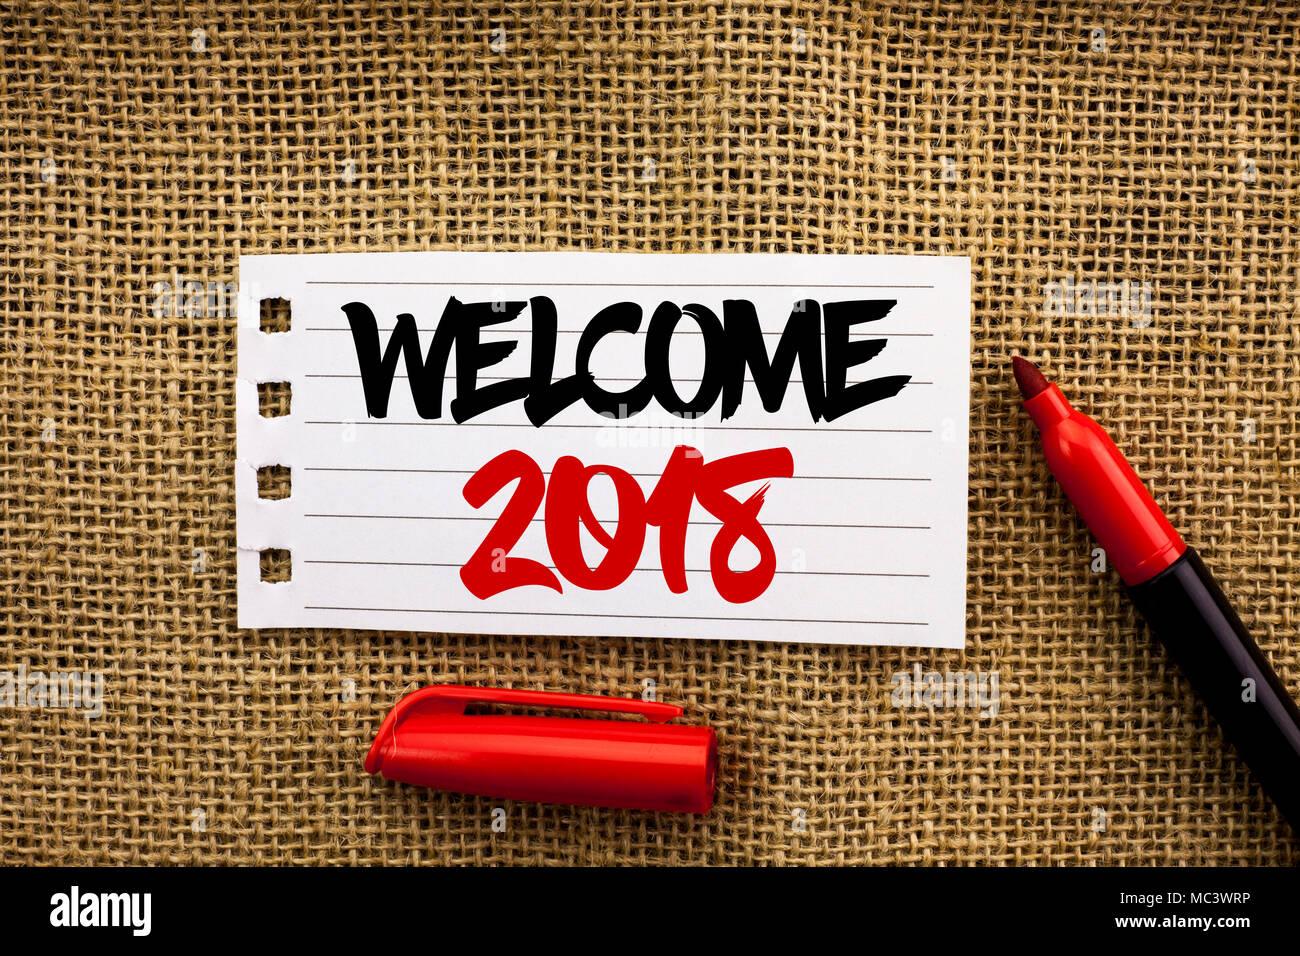 Wort schreiben Text Willkommen 2018. Business Konzept für Feier neue Feiern Wünsche für die Zukunft erfreuliche Wünschen Notebook Papier geschrieben die Jute backgroun Stockbild